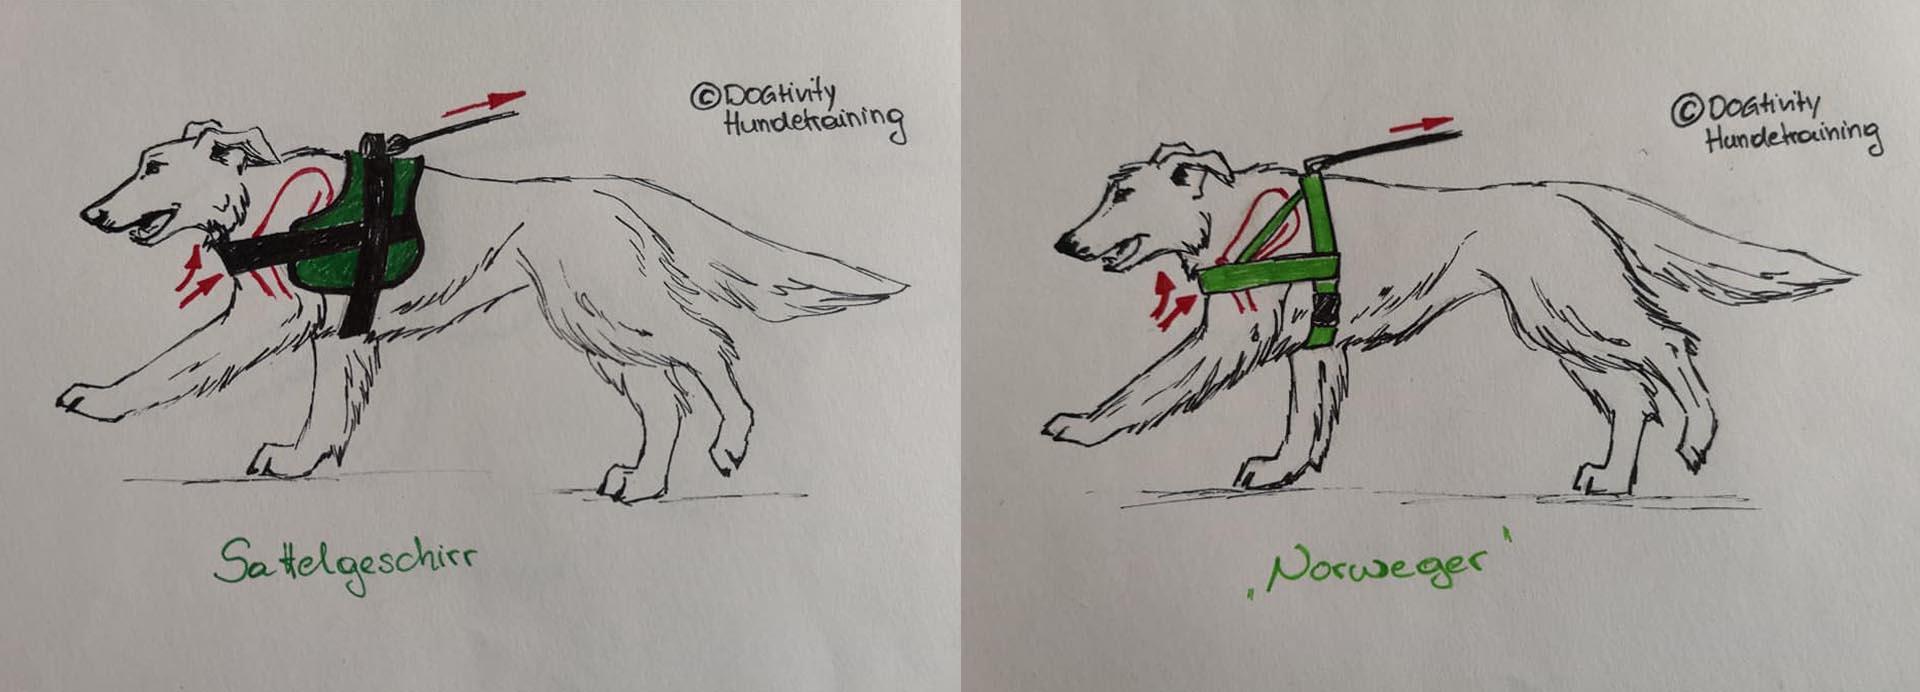 dibujos de arneses restrictivos realizados por Dogtivity Hundetraining